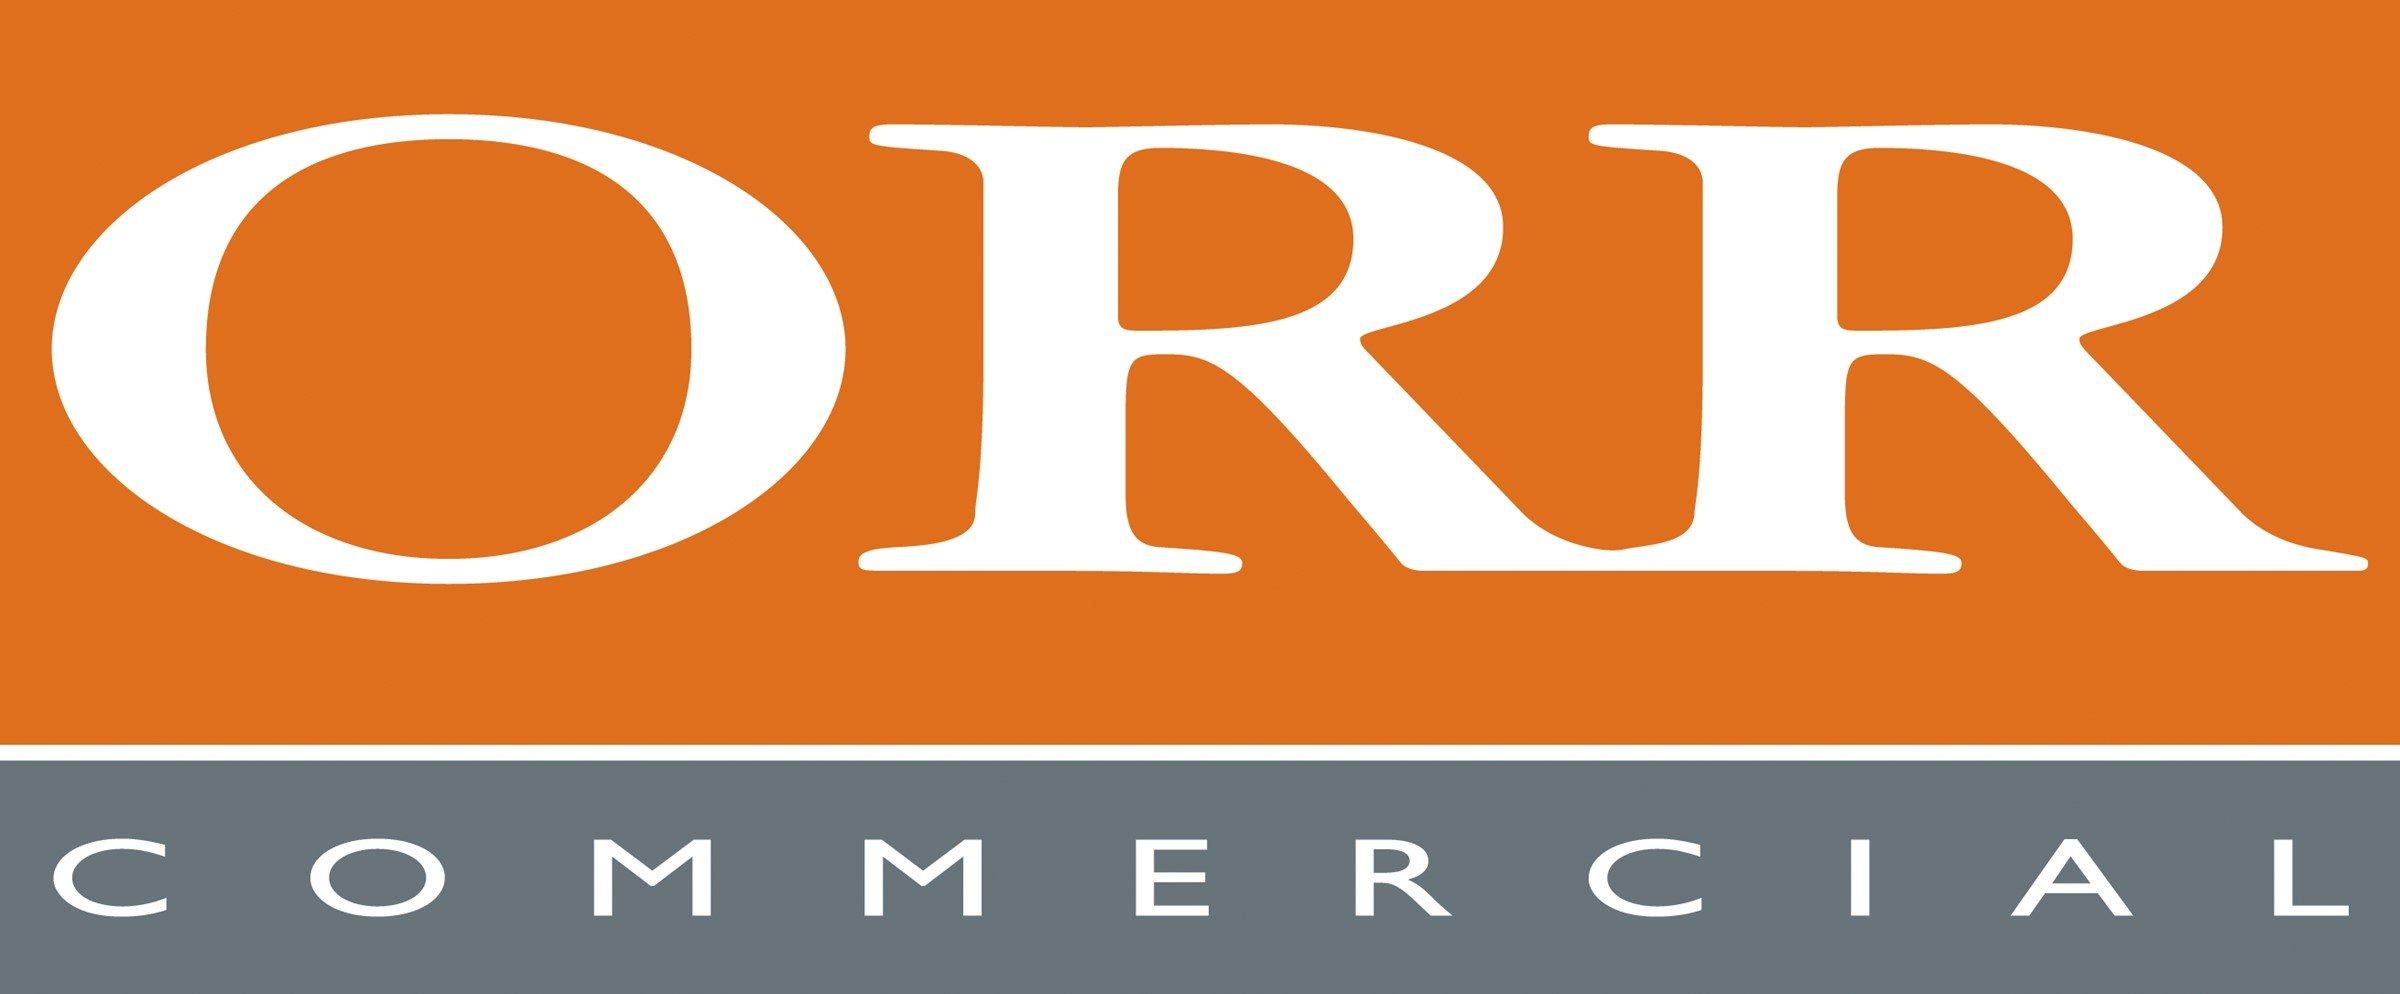 Orr Commercial logo 2-1